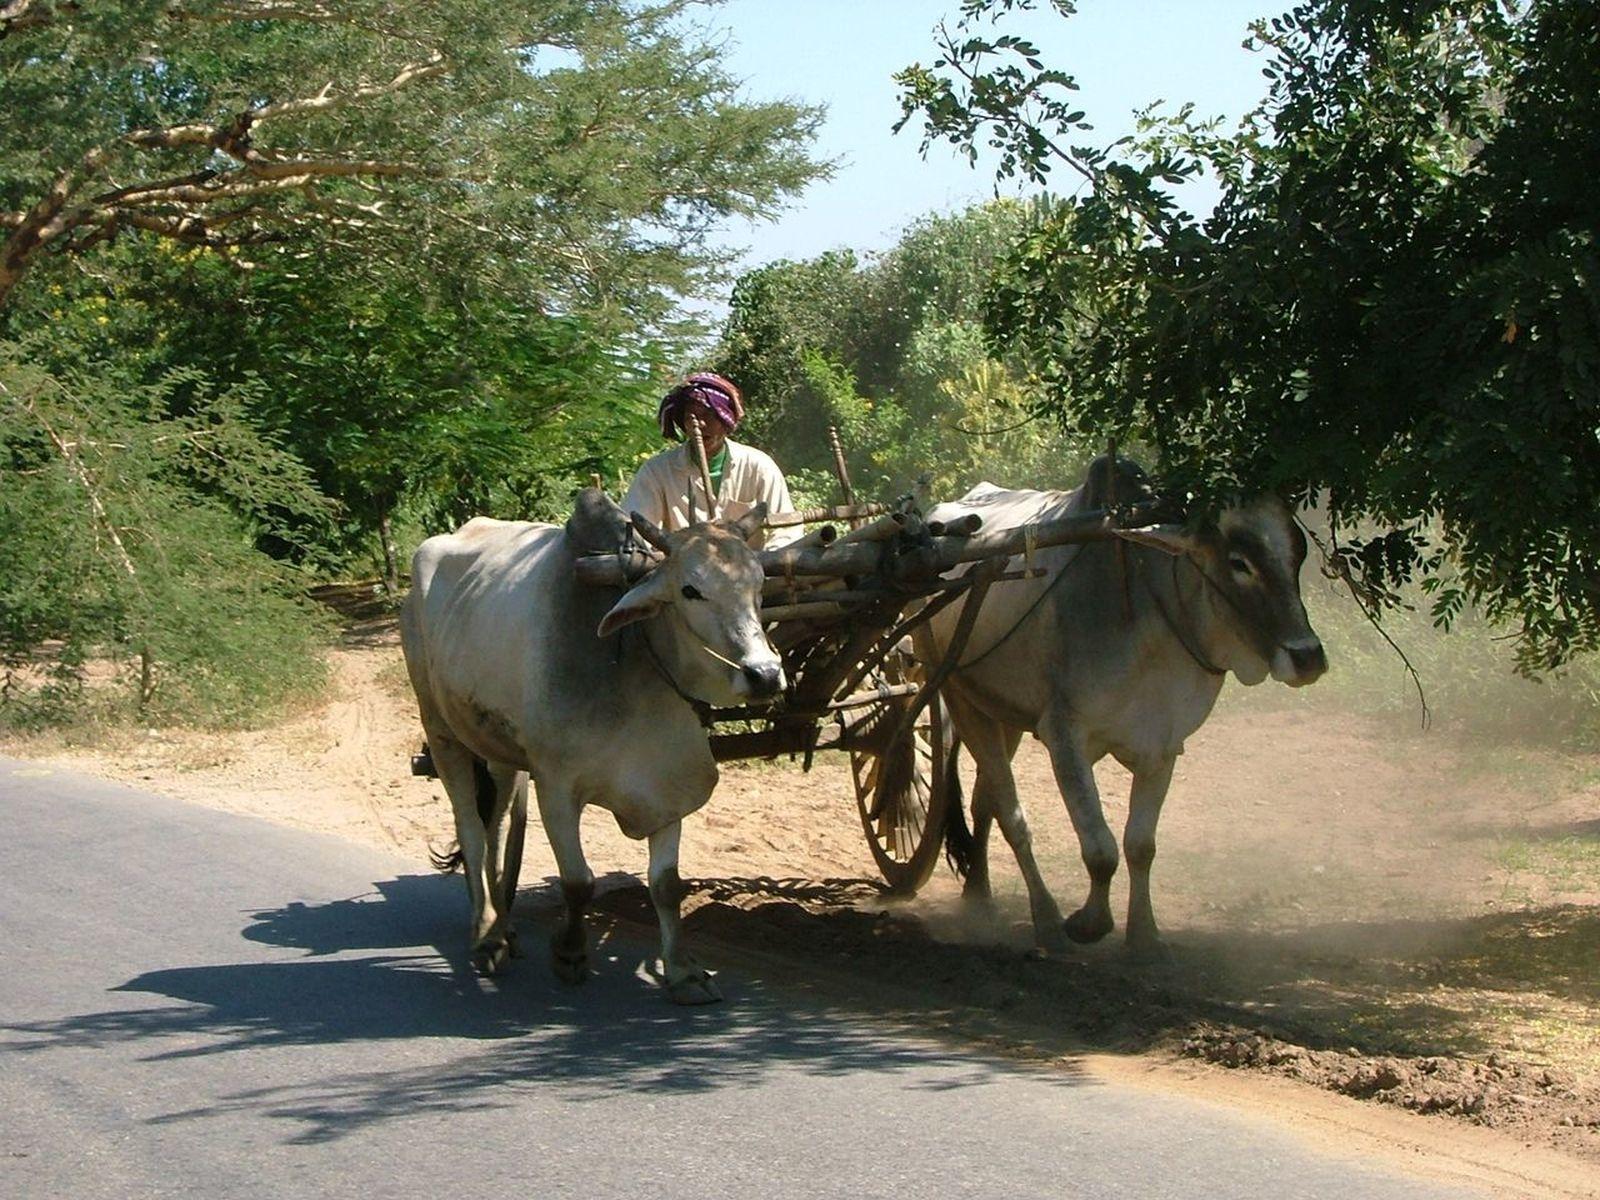 La Birmanie, entre beauté lacustre et charme bucolique